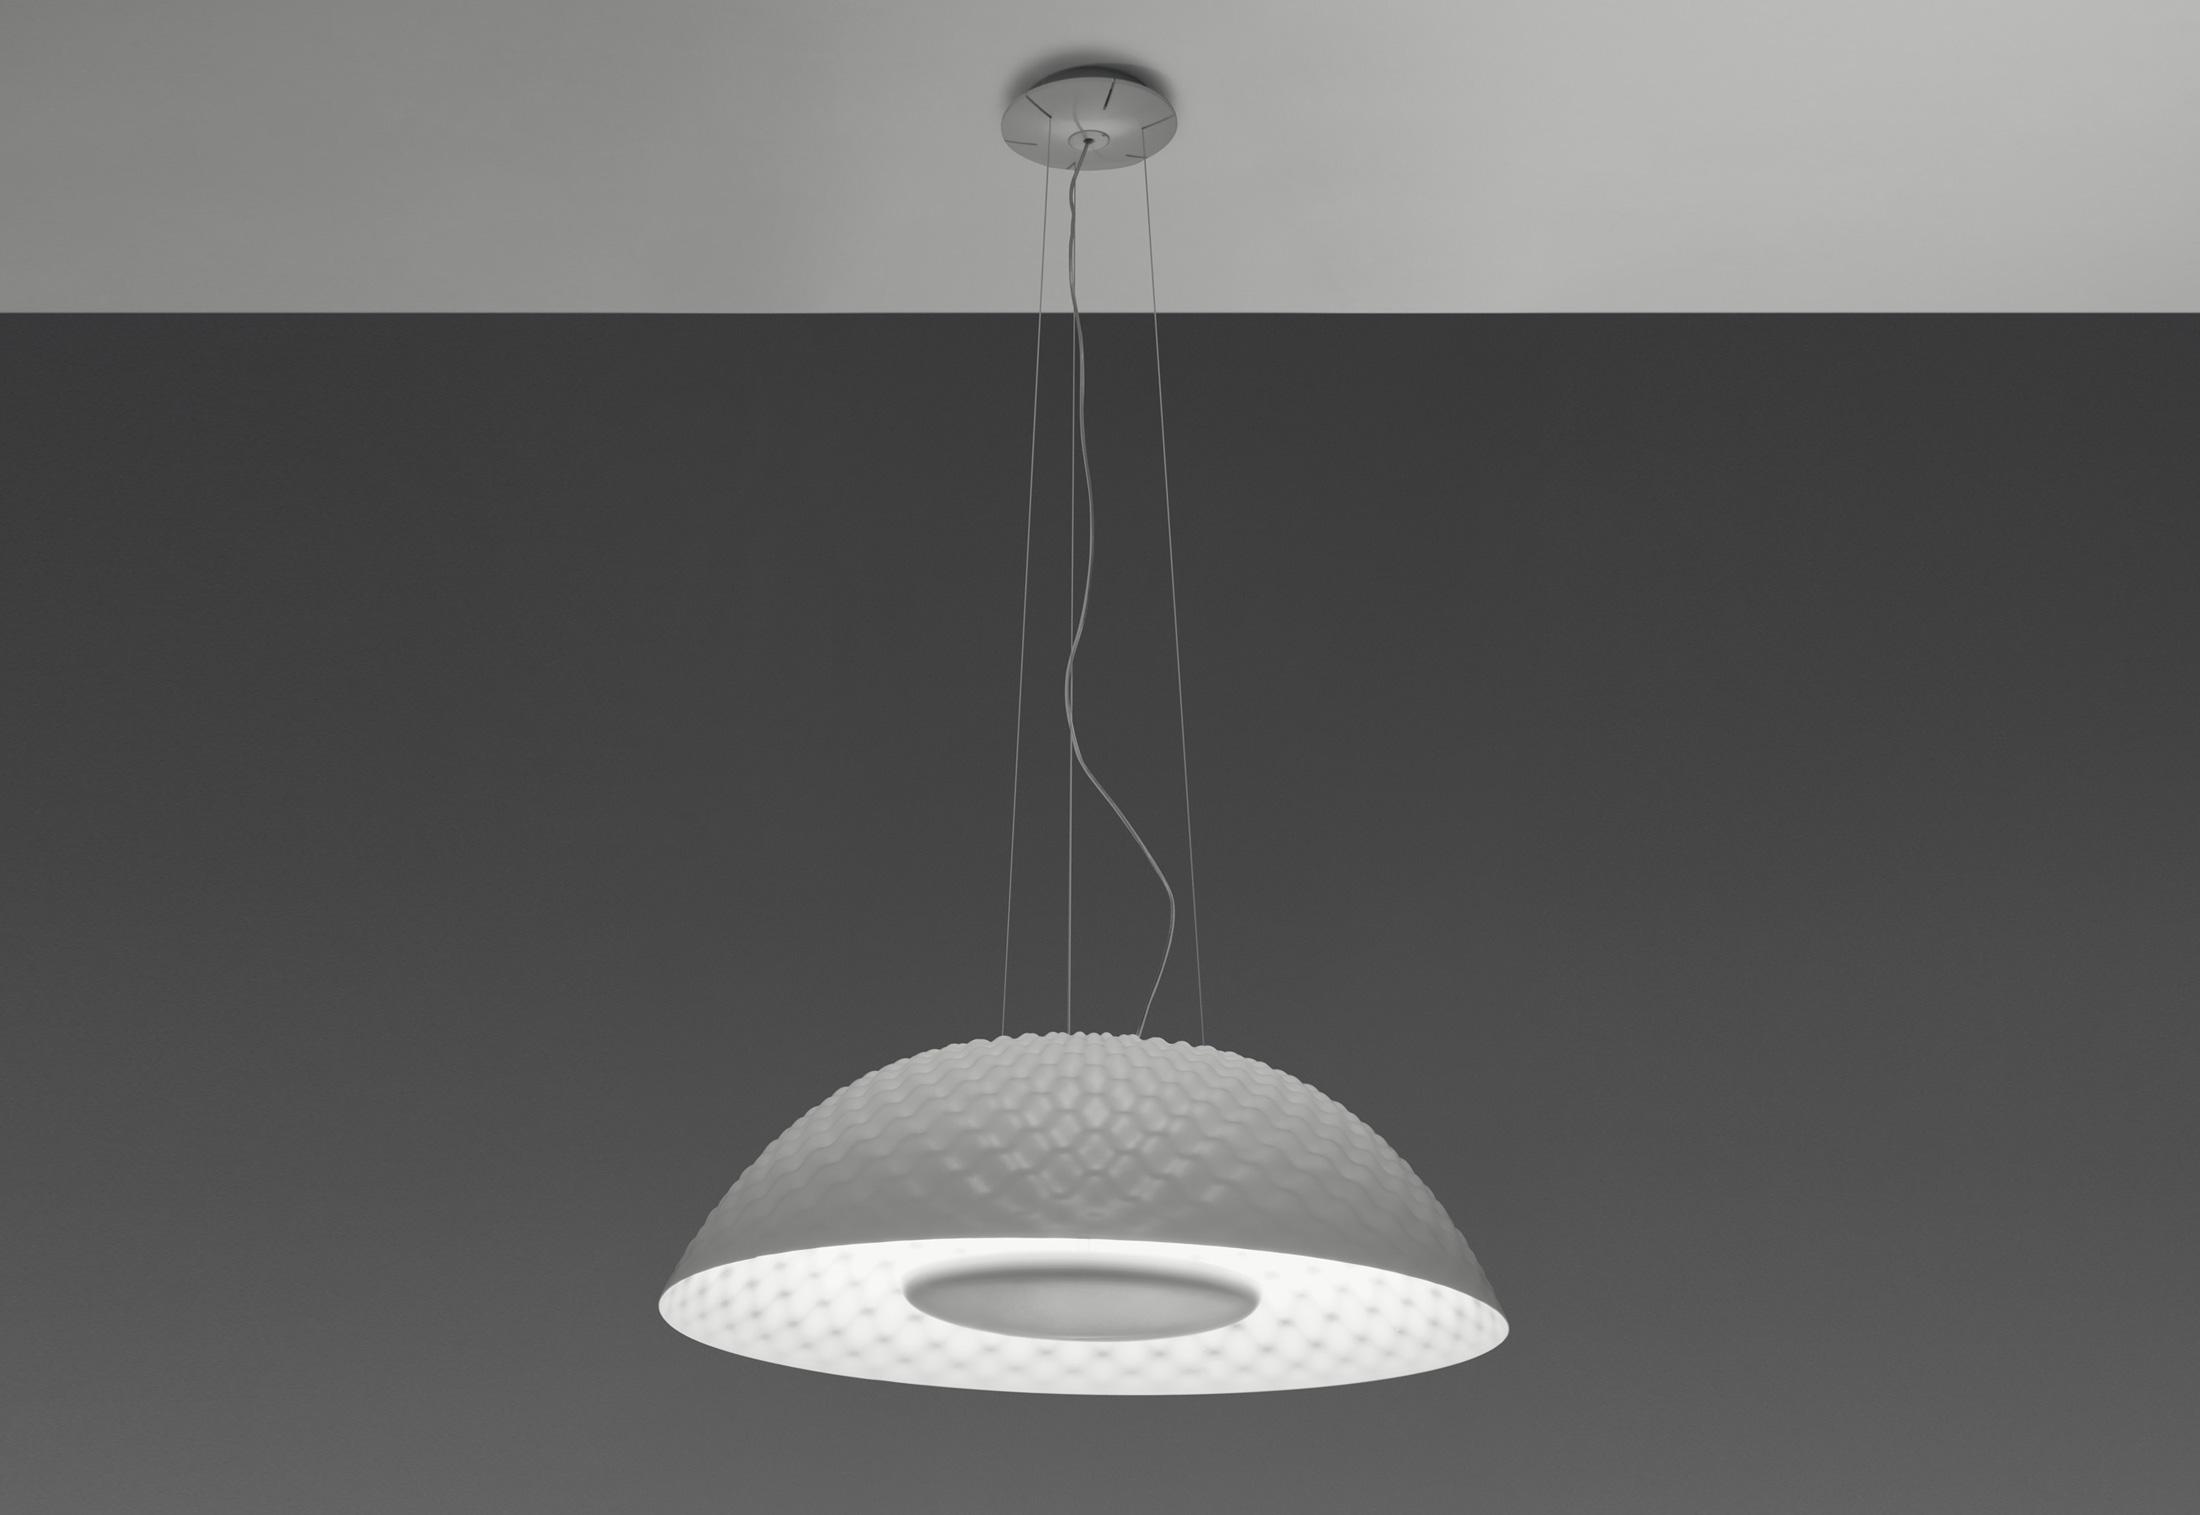 Cosmic rotation di artemide lampadari illuminazione - Cucina lampadari ...